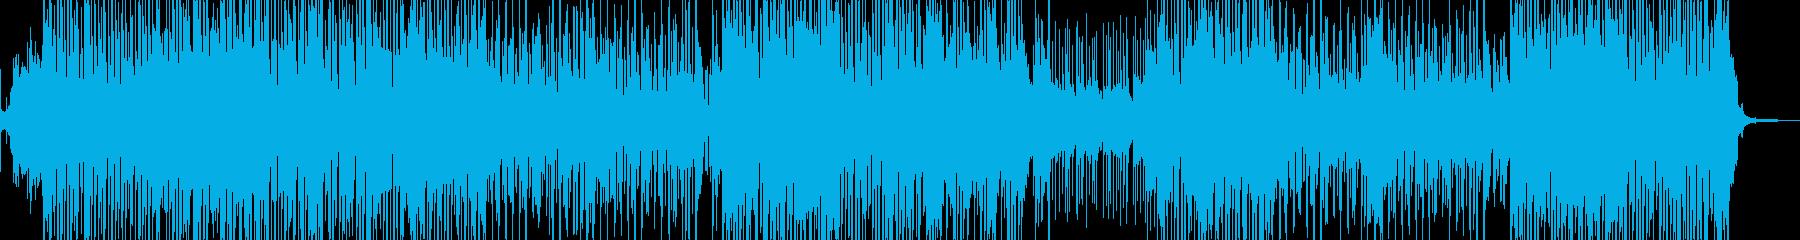 琴・三味線・レトロな演歌調R&Bポップの再生済みの波形